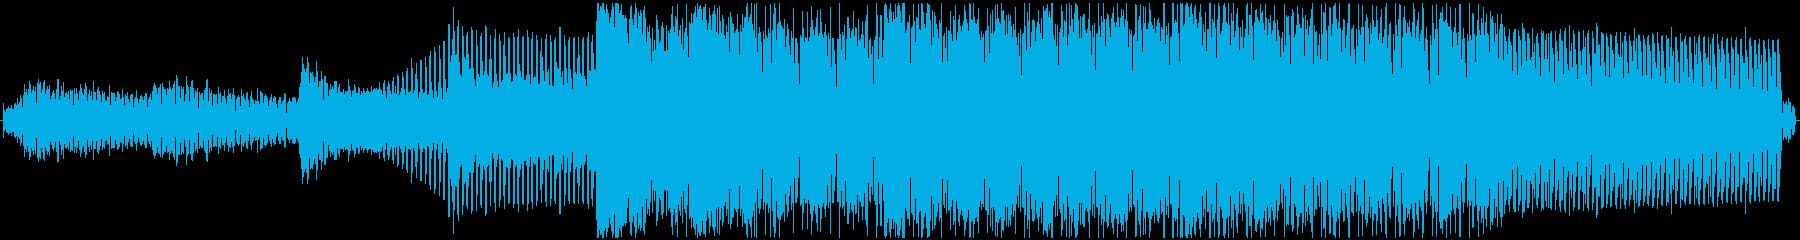 シンセの浮遊感と特徴的なリズムの高揚感の再生済みの波形